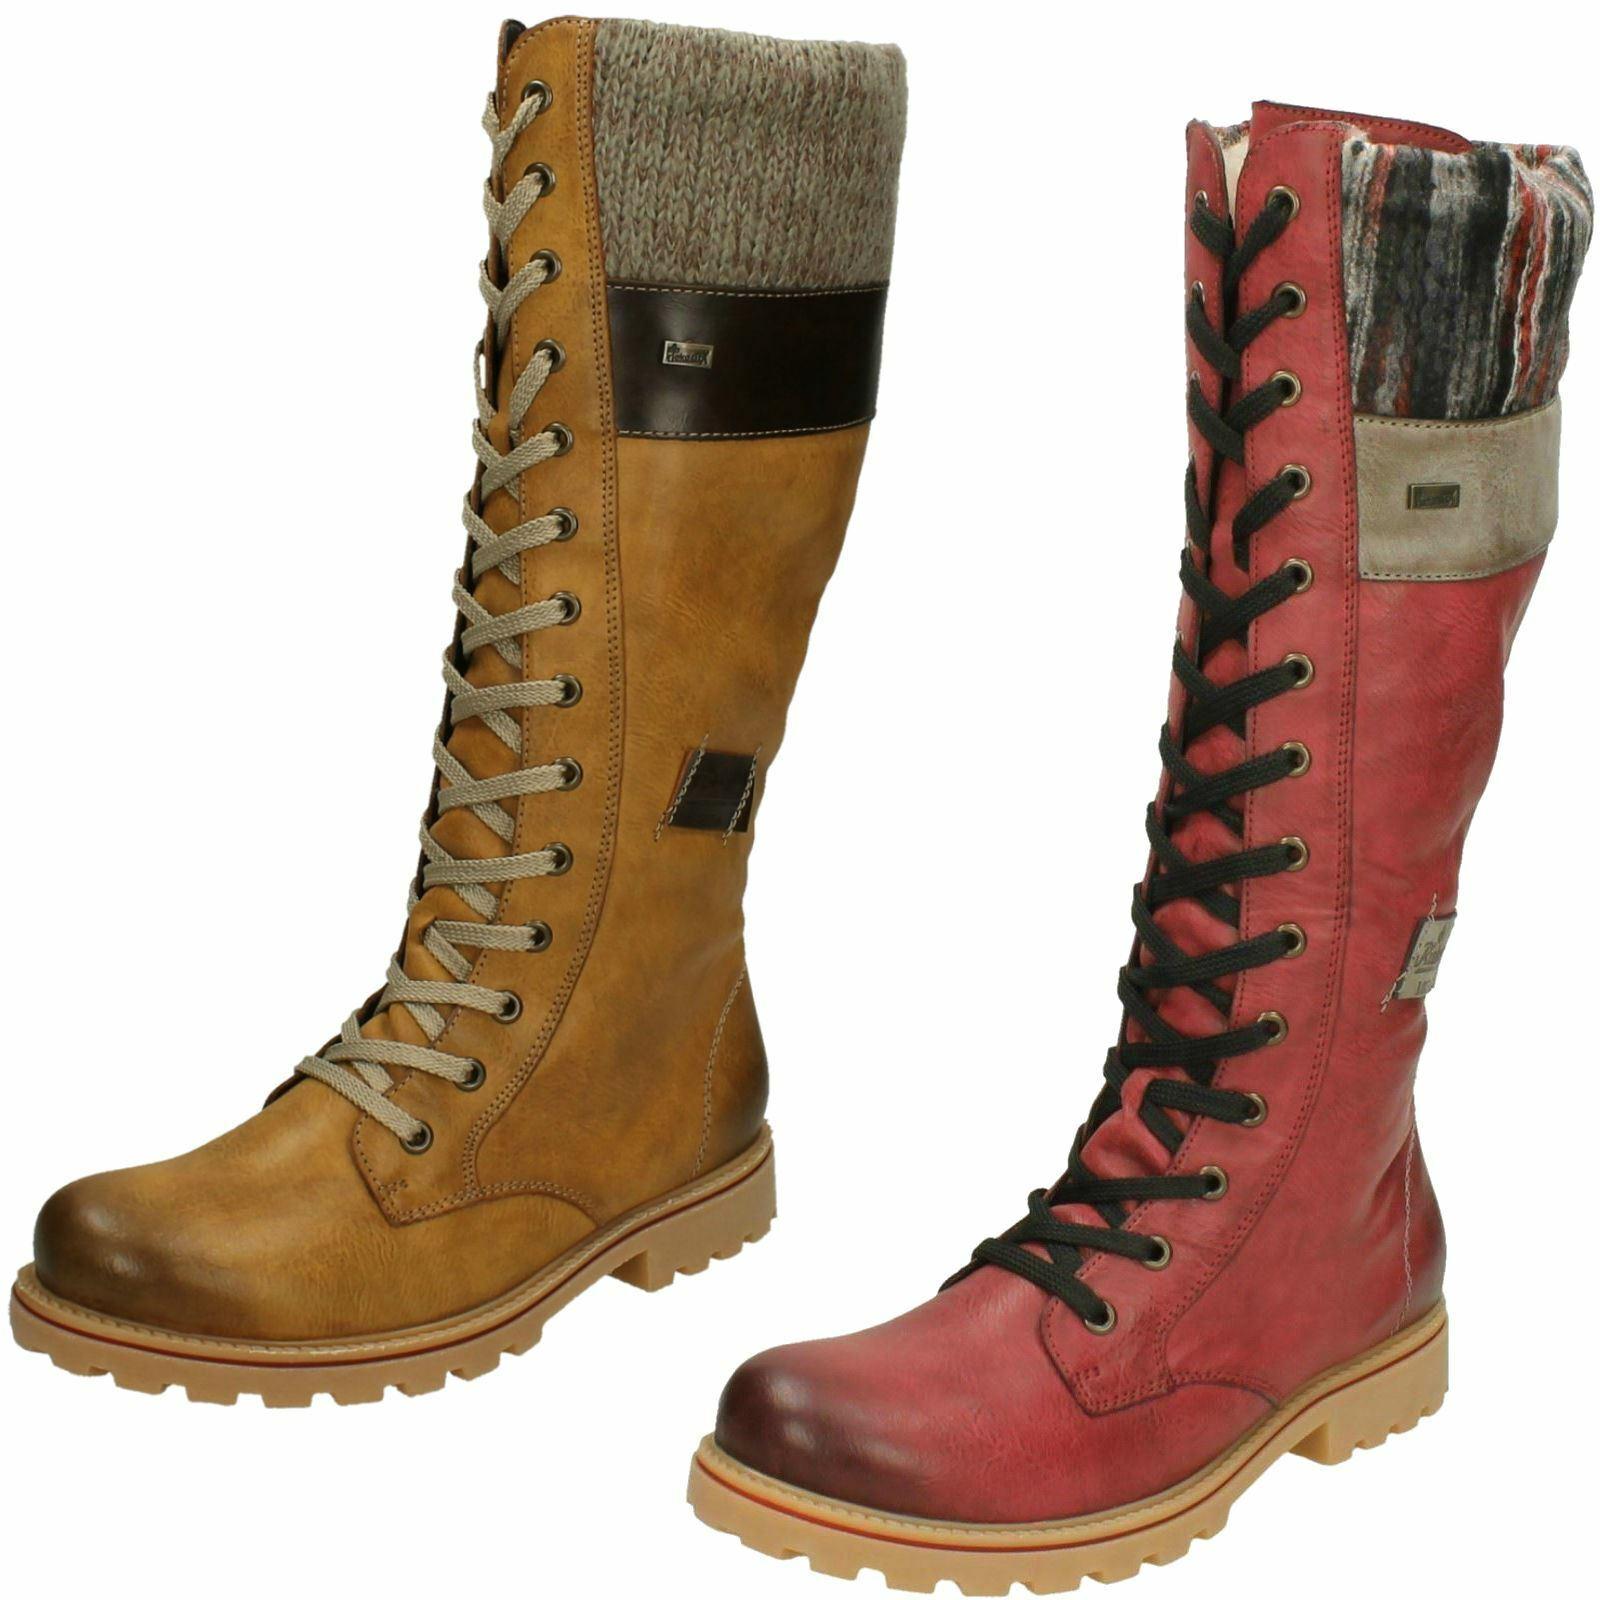 Damen rieker Braune Reißverschluss Lang Wadenhoch Smart Winter Stiefel Schuhe Eu